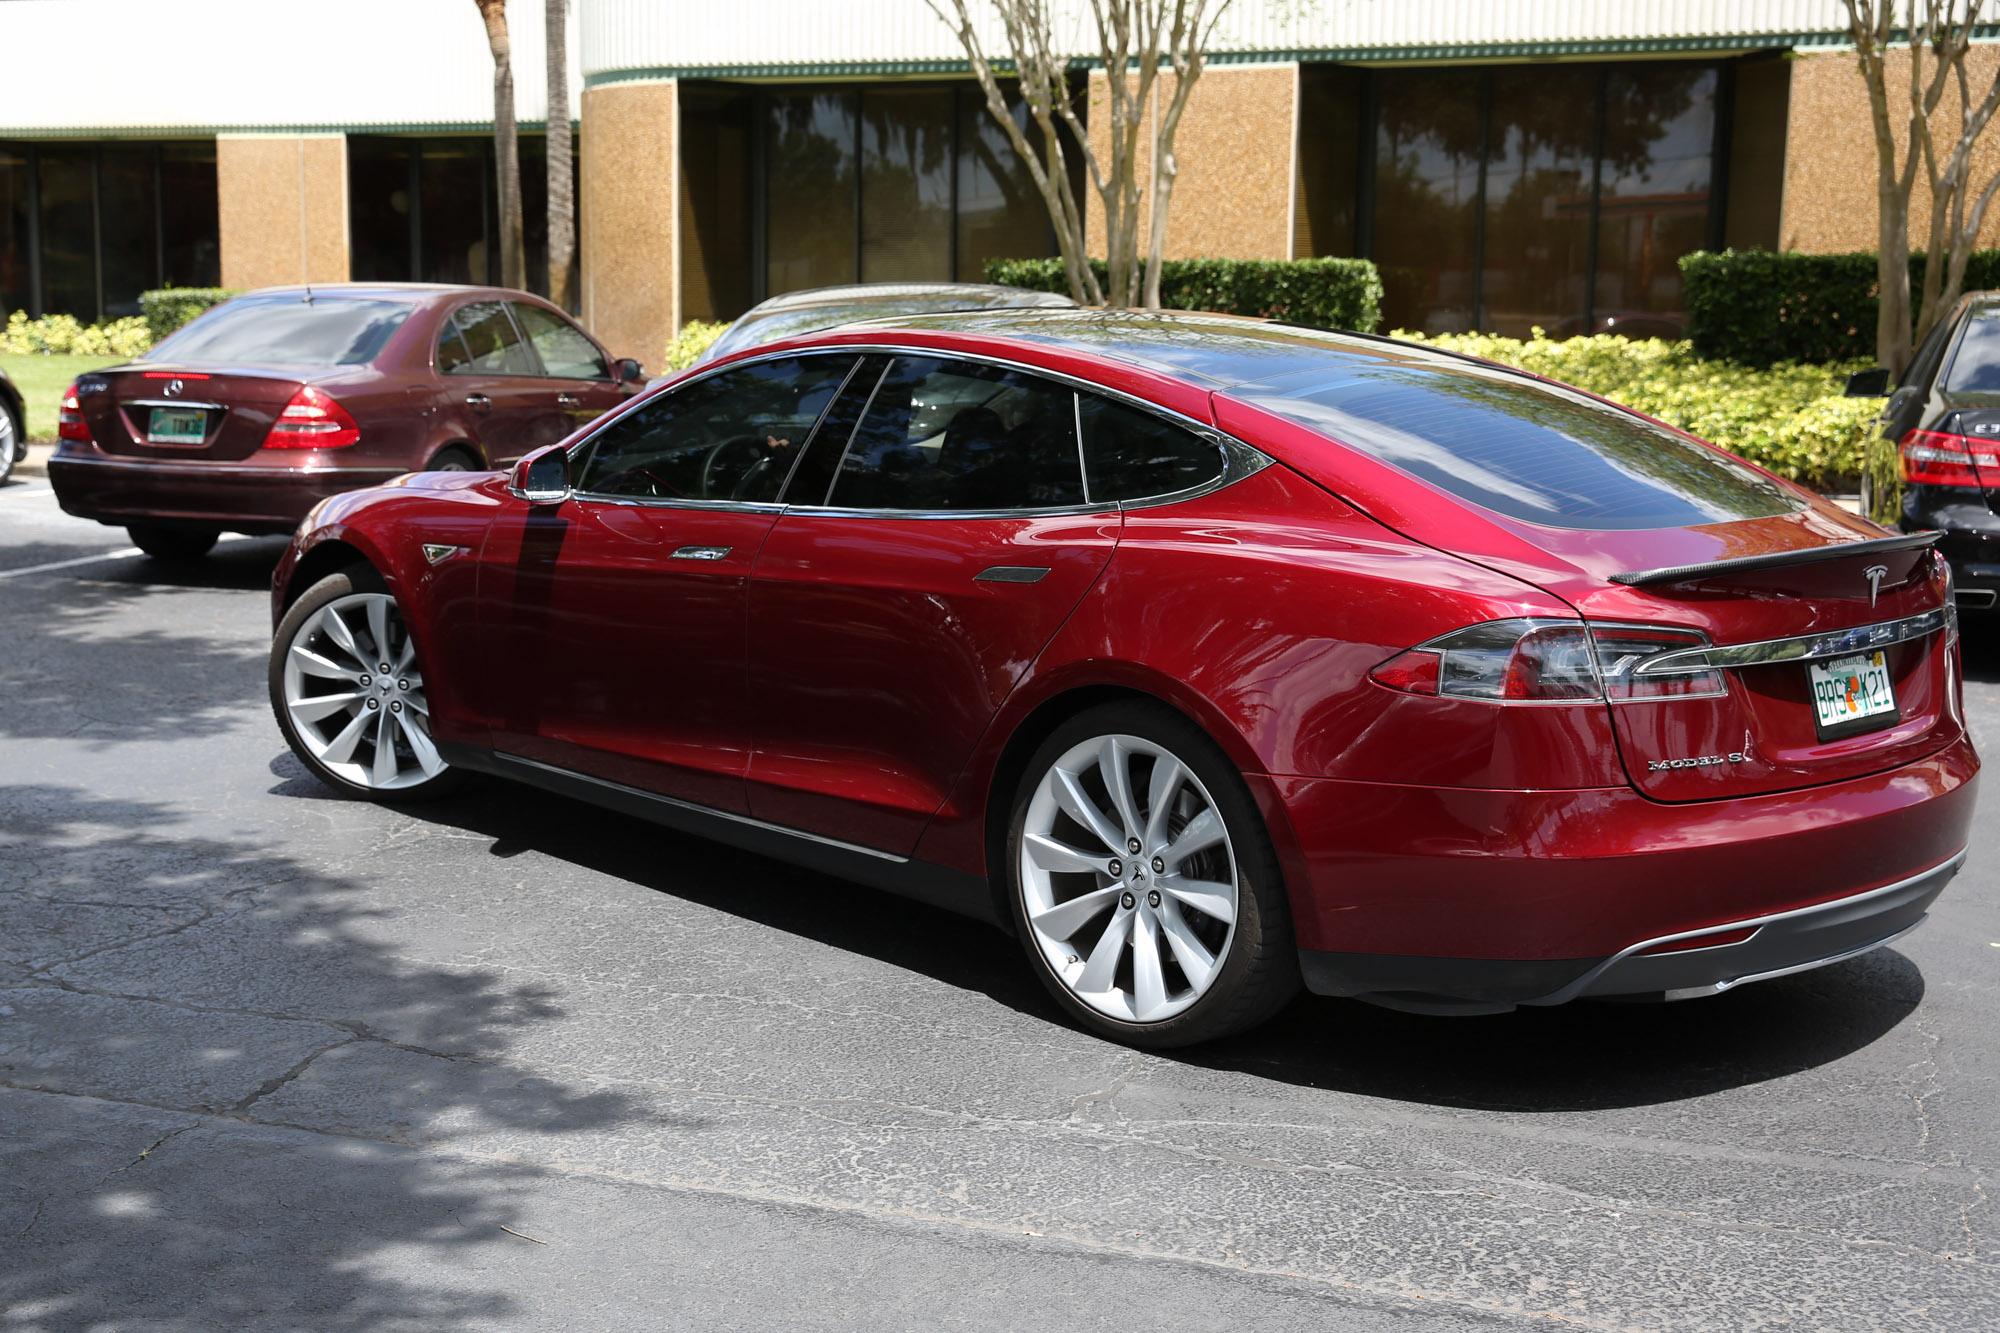 TeslaMotorsClub_Tampa_28APR13_0053.jpg